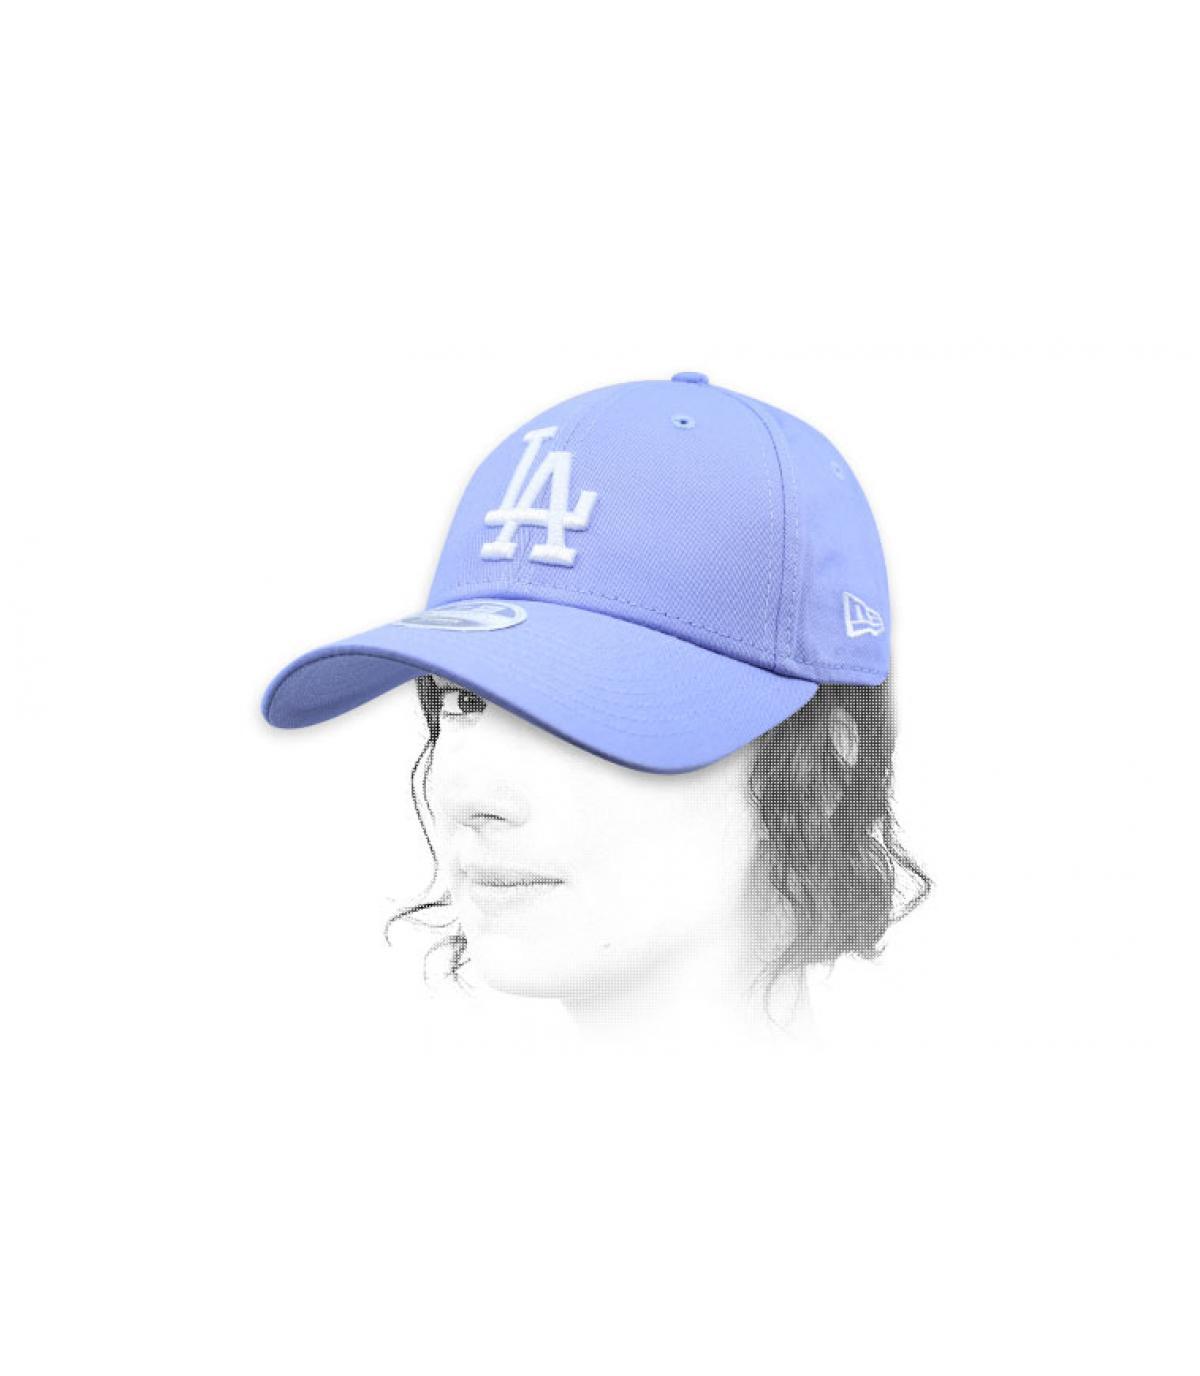 casquette femme LA bleu